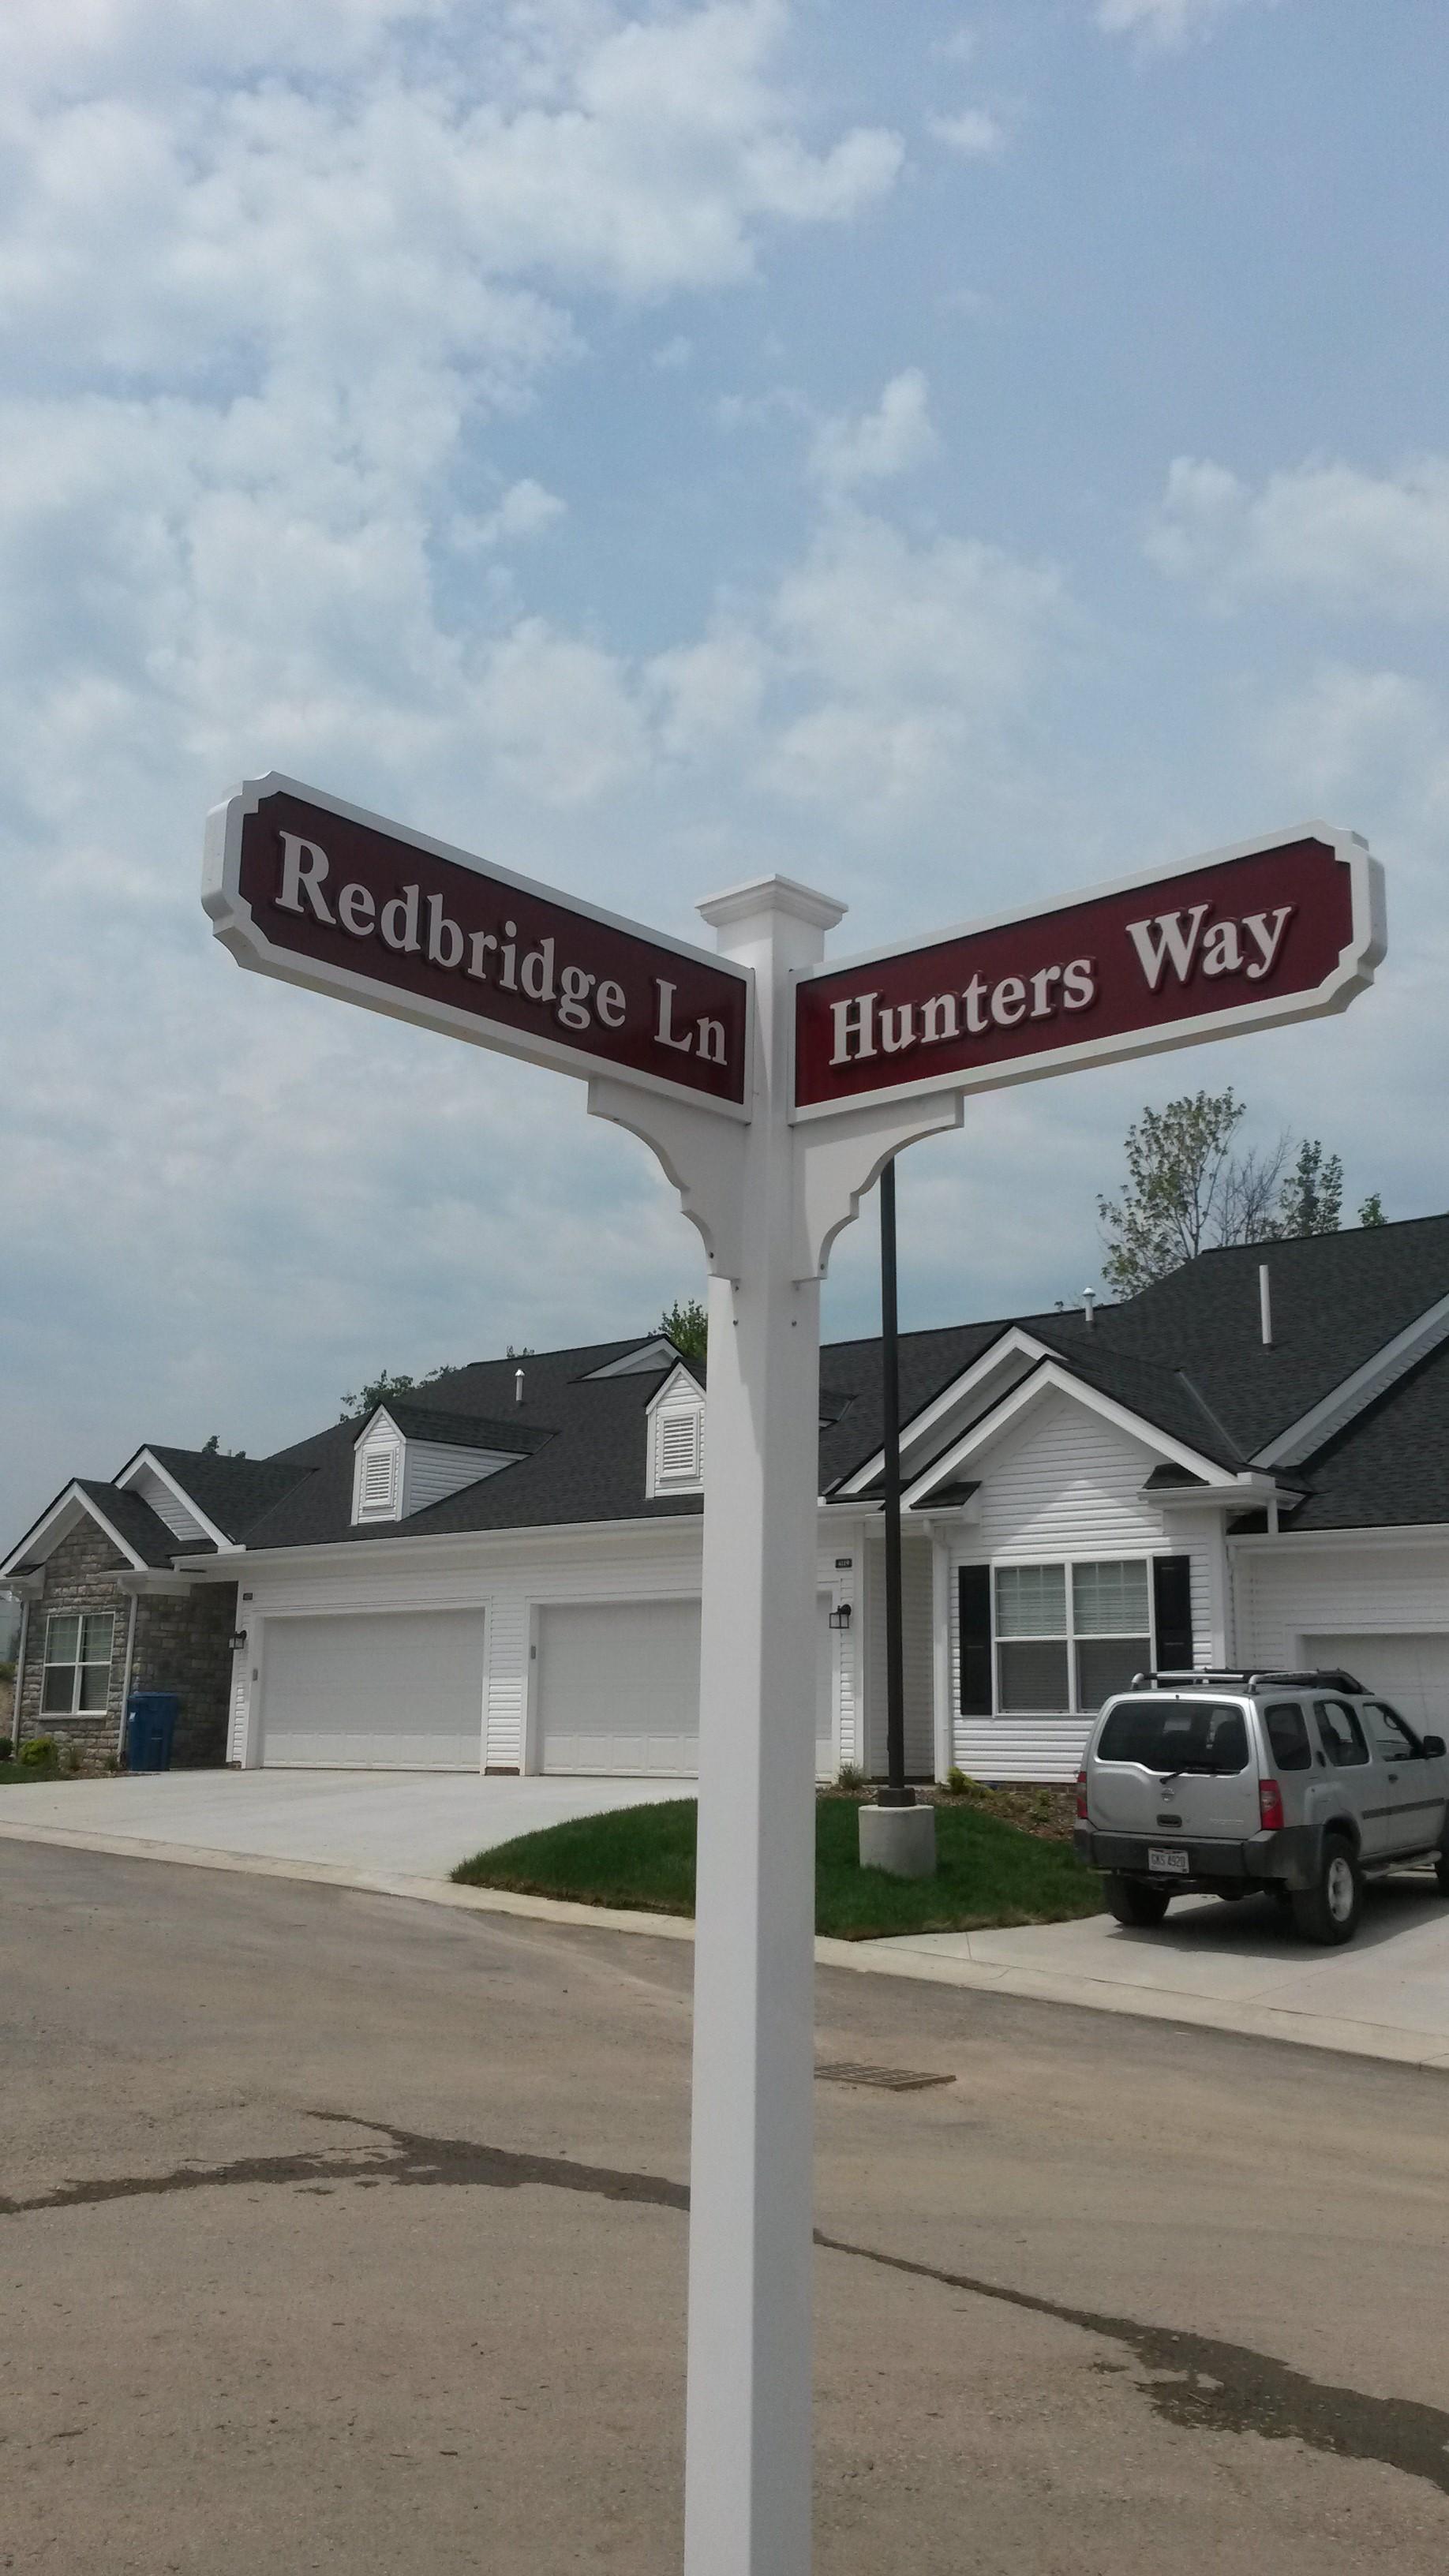 Fox Hollow street sign